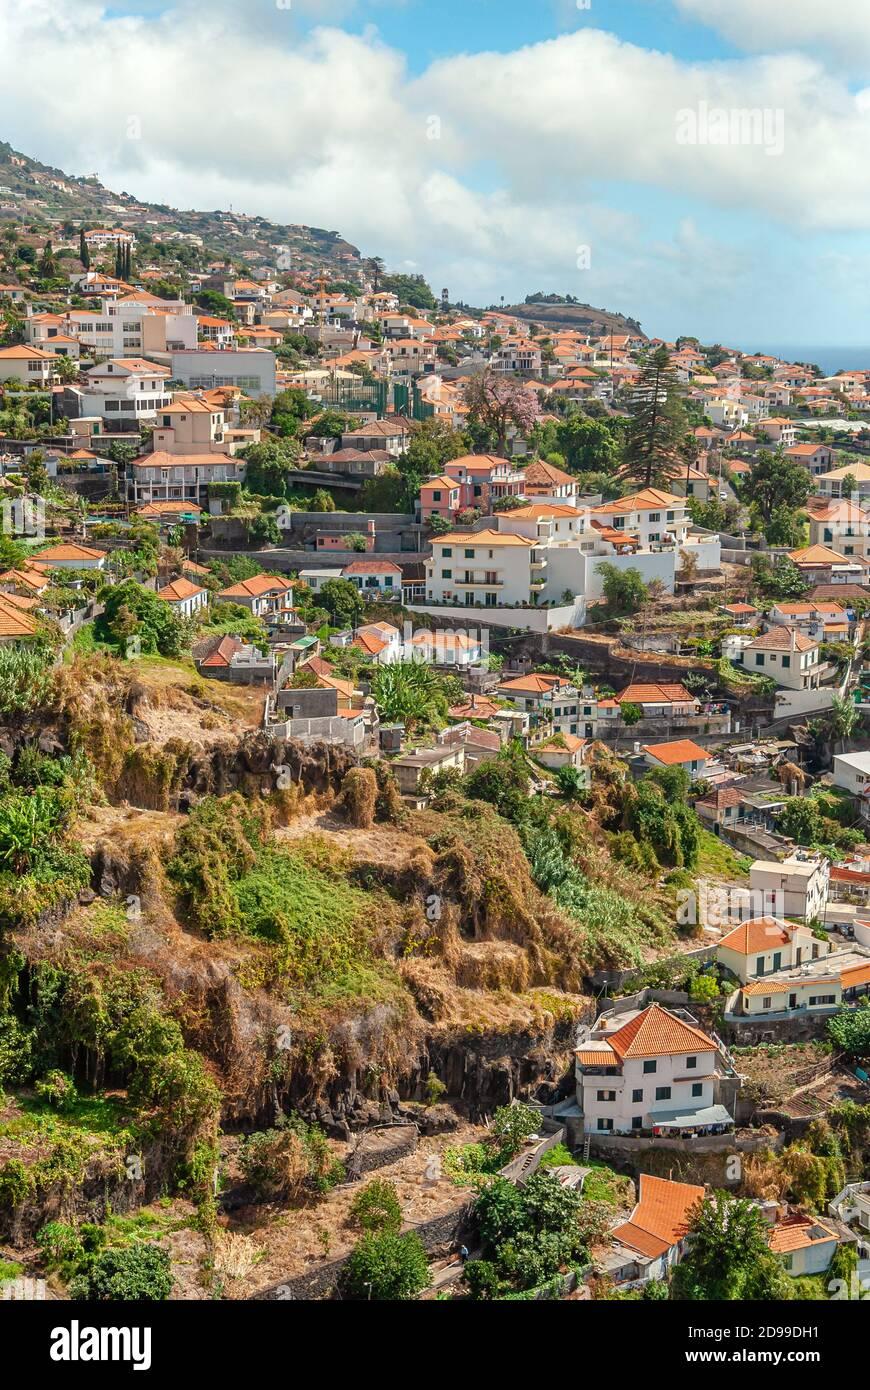 Vue sur Funchal, l'île de Madère, Portugal Banque D'Images